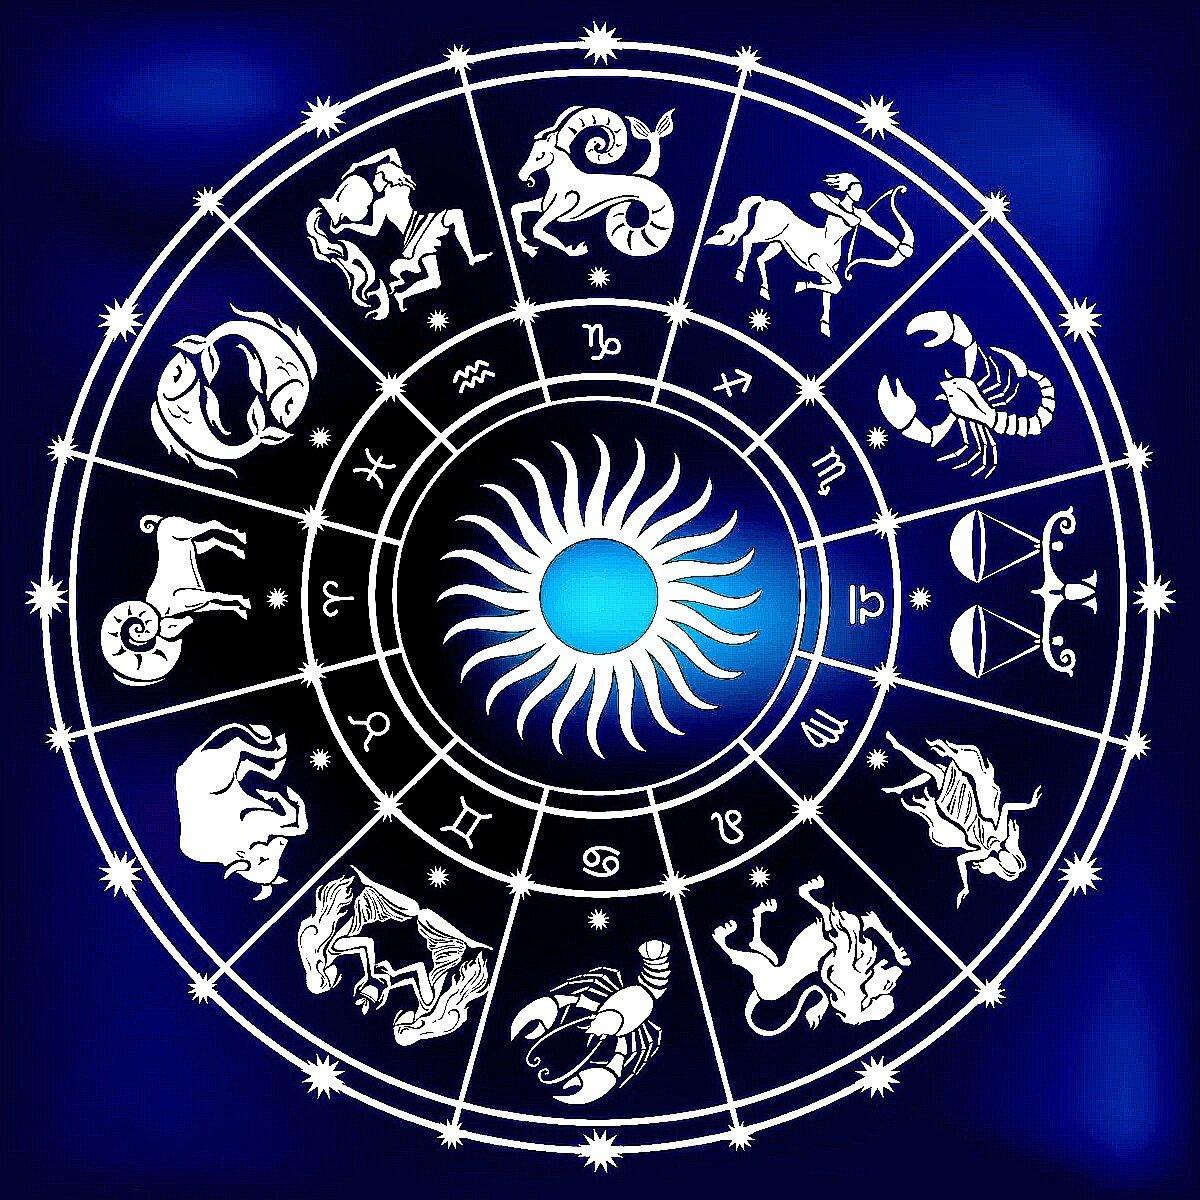 Самый правдивый гороскоп для жителей Егорлыкского района на неделю — с 22 по 28 марта